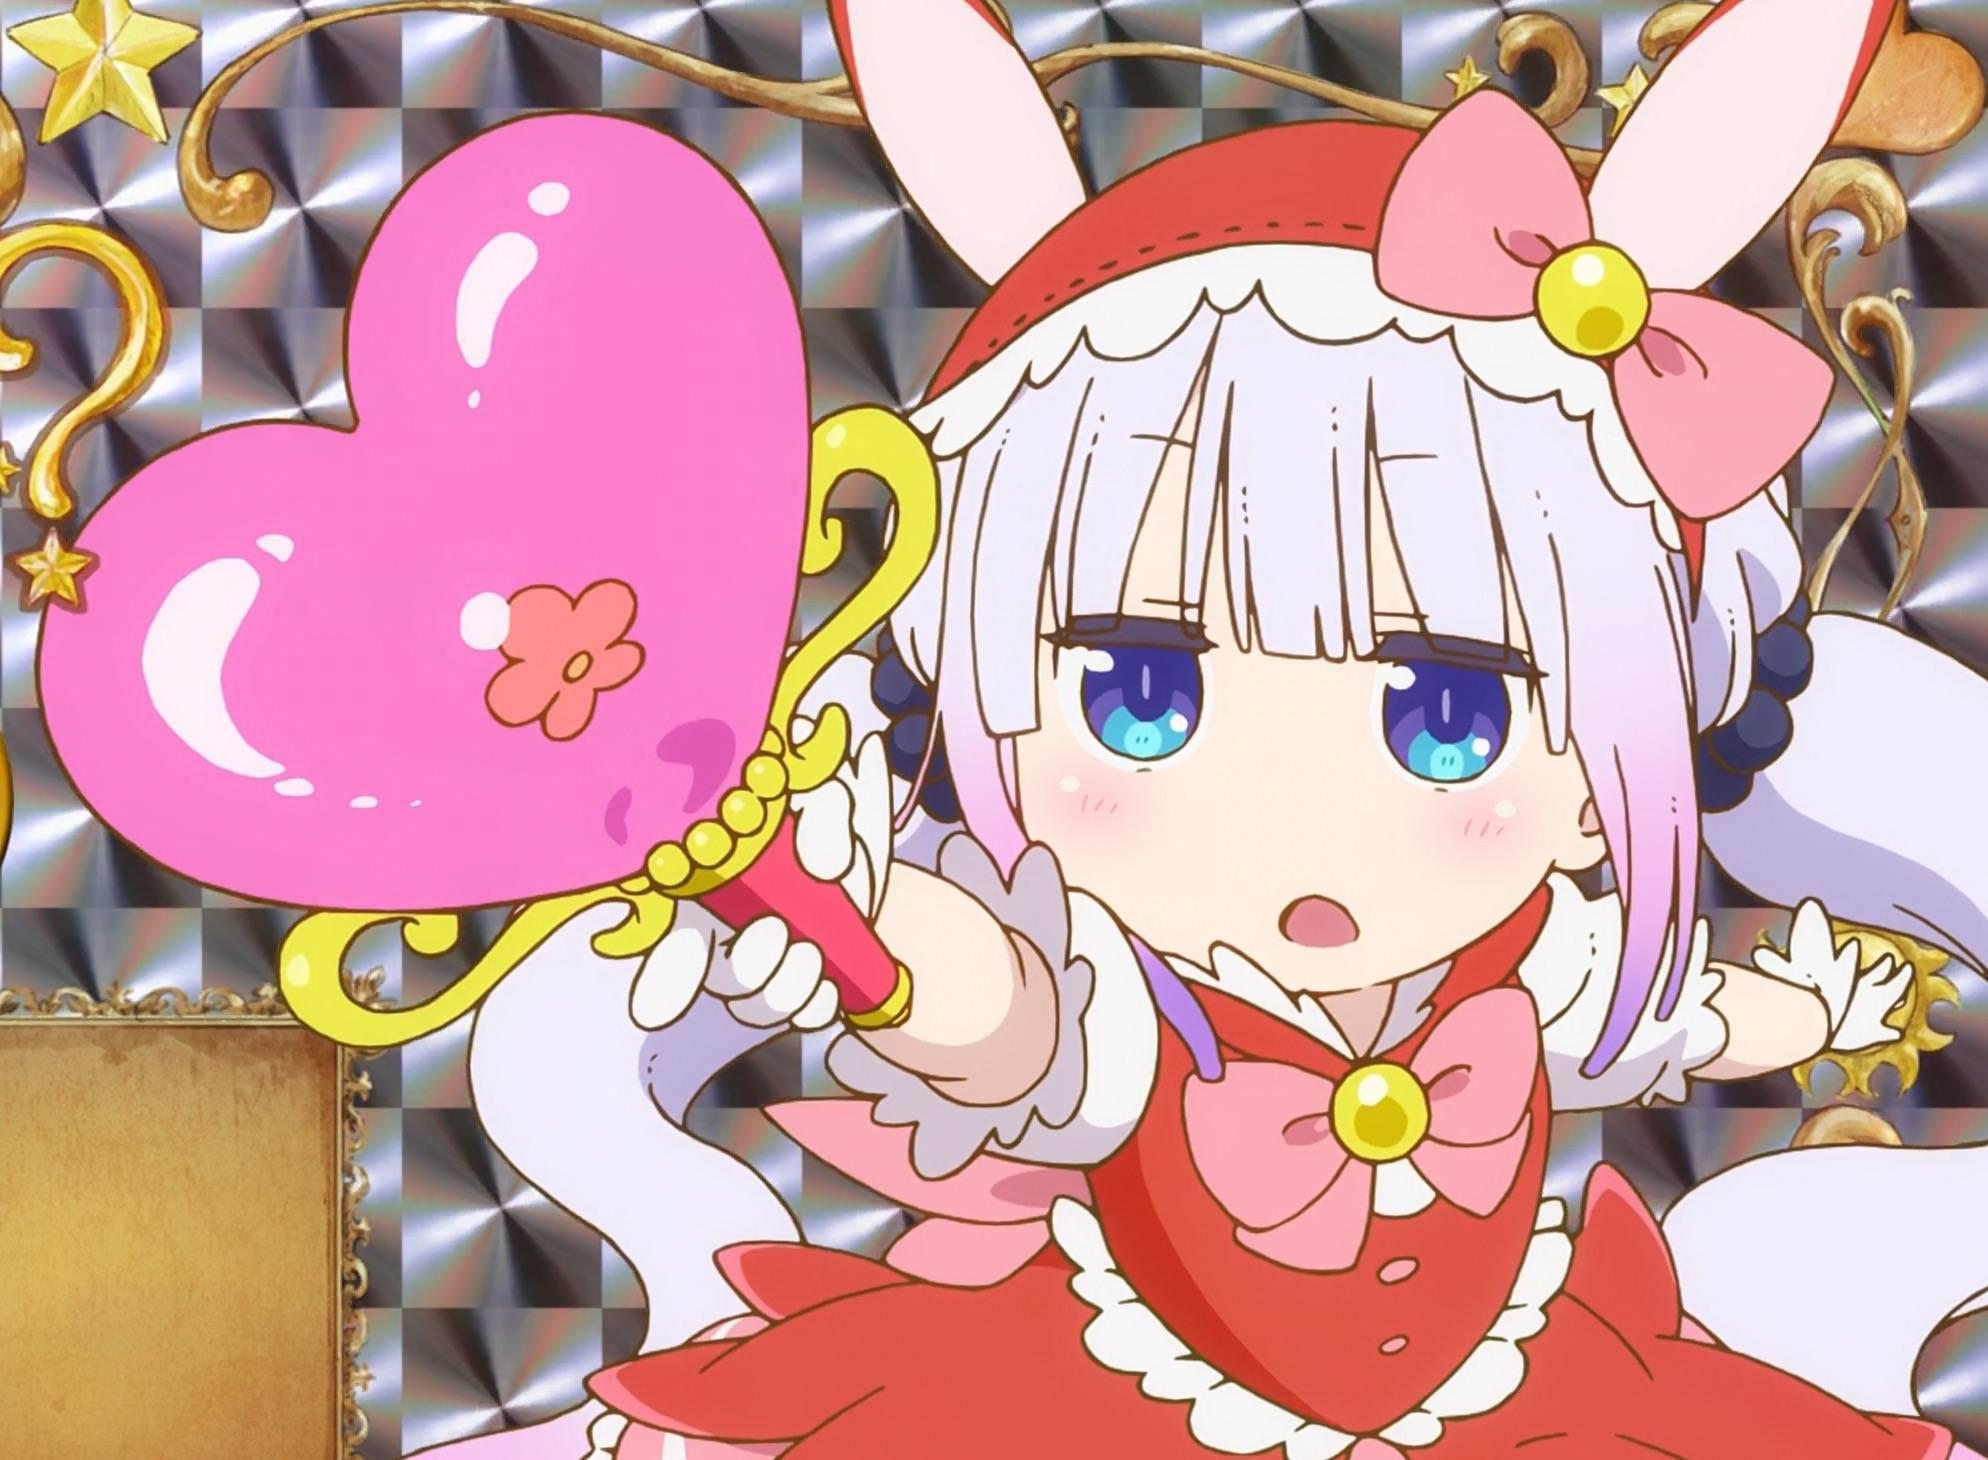 京阿尼灾后第一部TV动画《小林家的龙女仆》第二季开播 保持对美少女日常动画的一贯追求